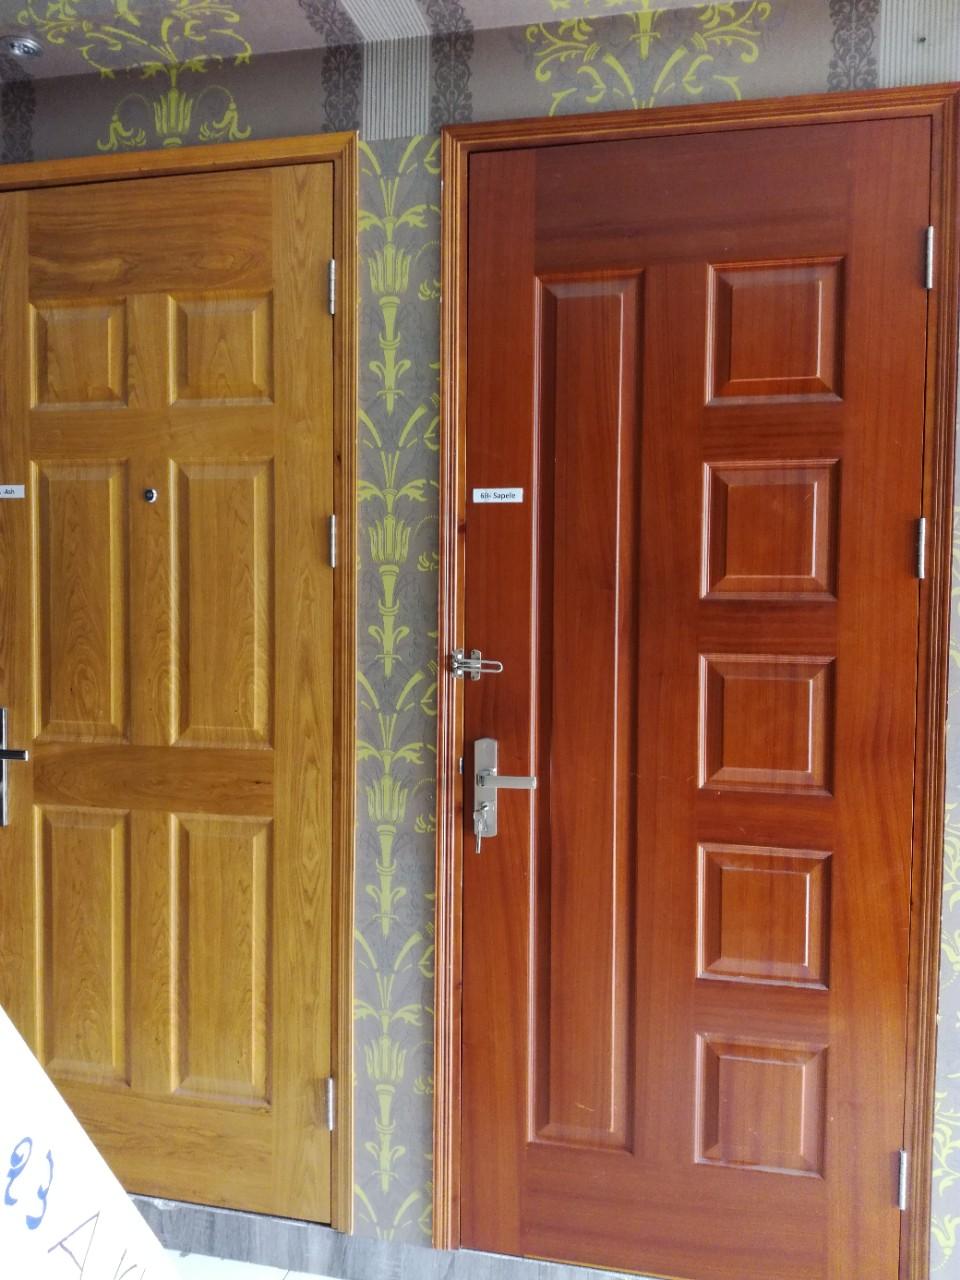 Cung cấp những mẫu cửa phòng HDF veneer giá ưu đãi tại TĐ